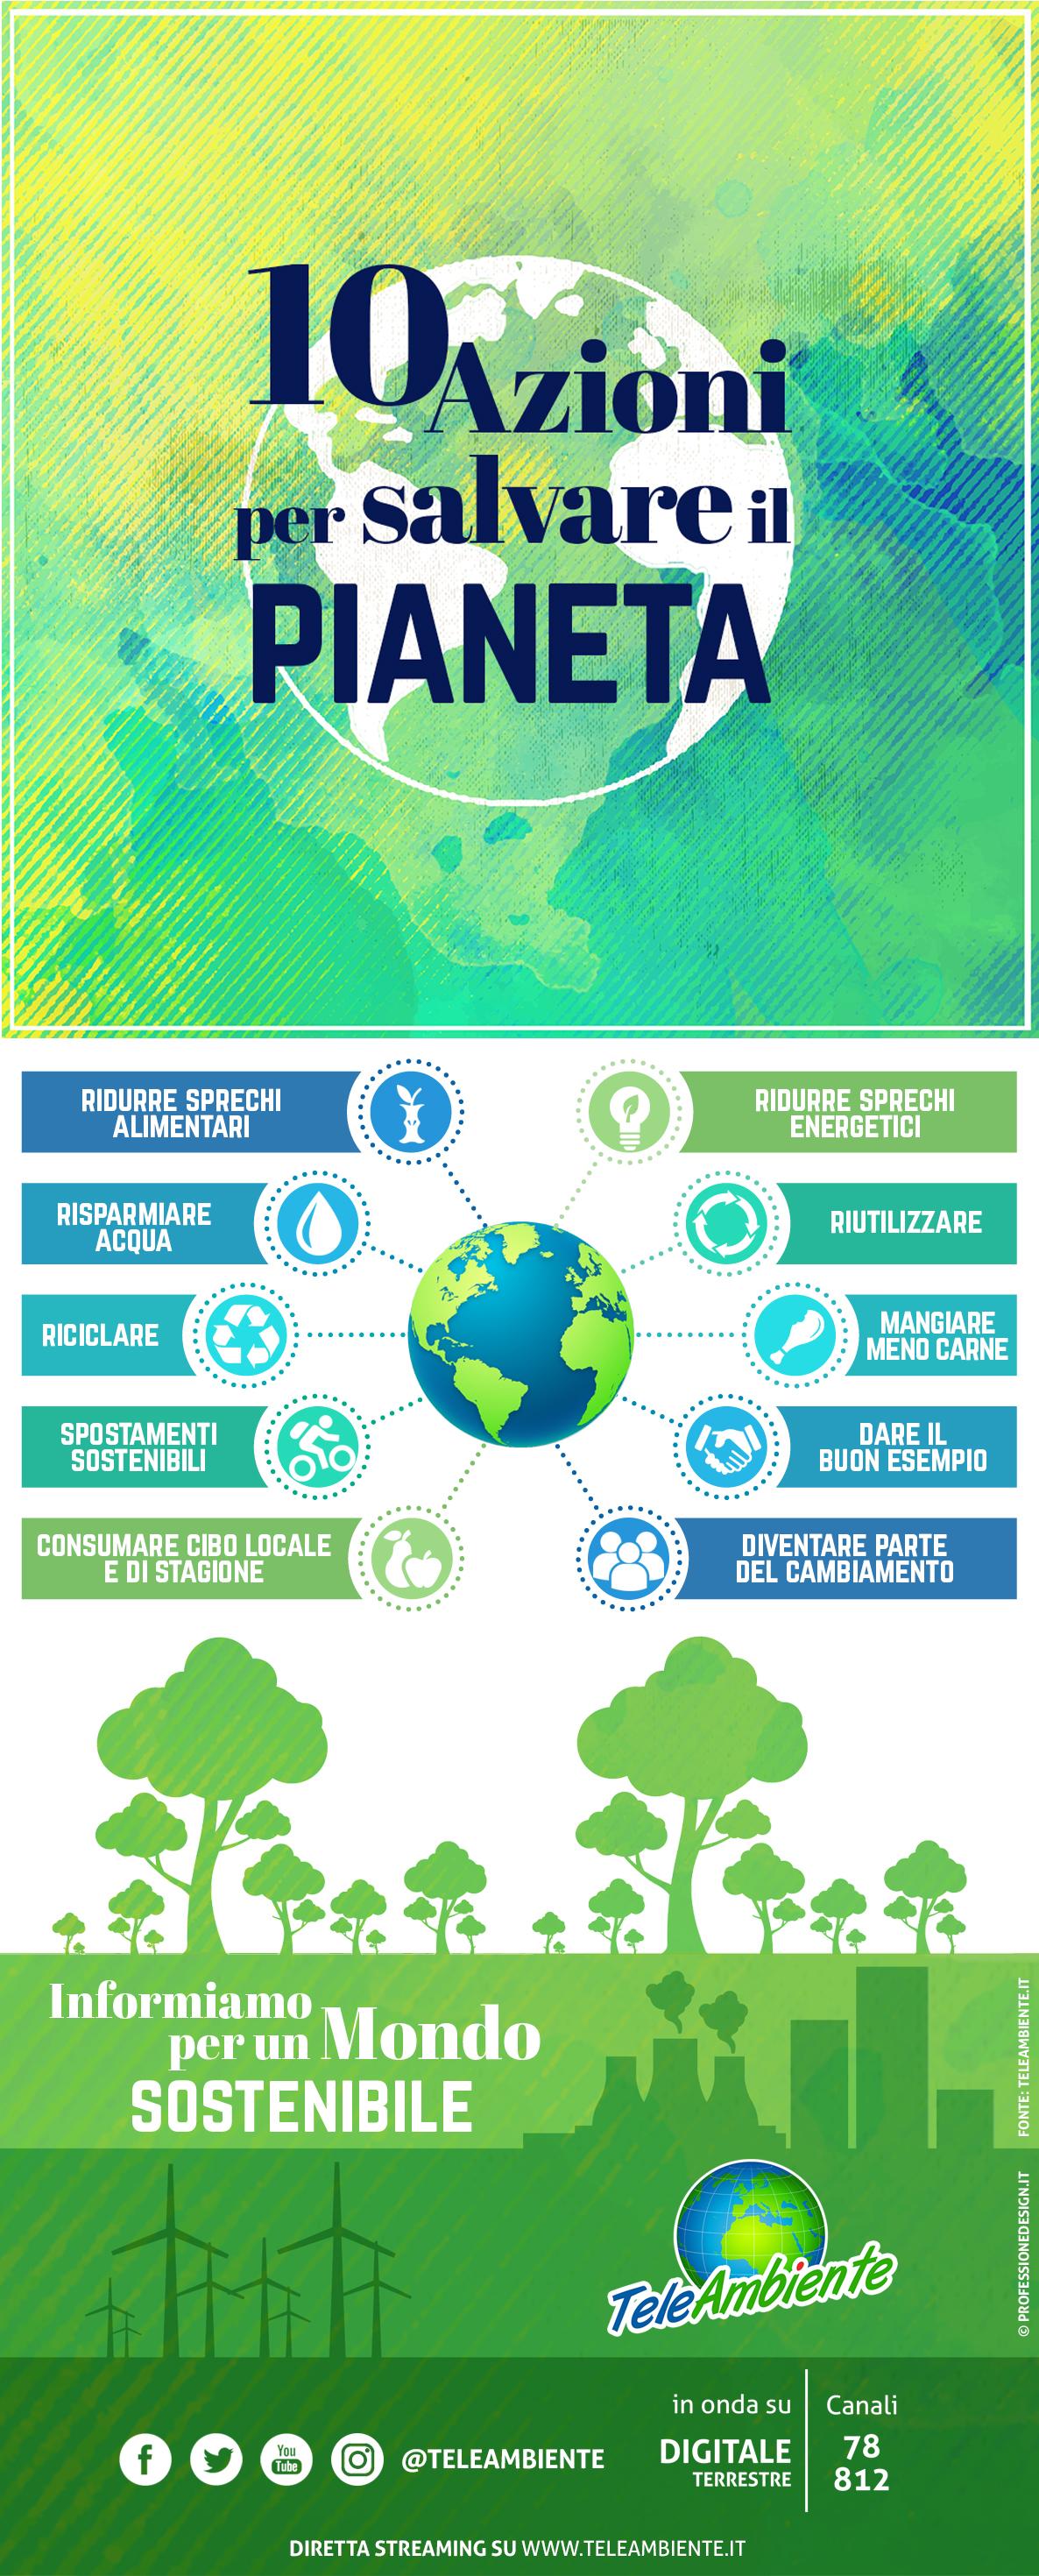 10 azioni per salvare il pianeta